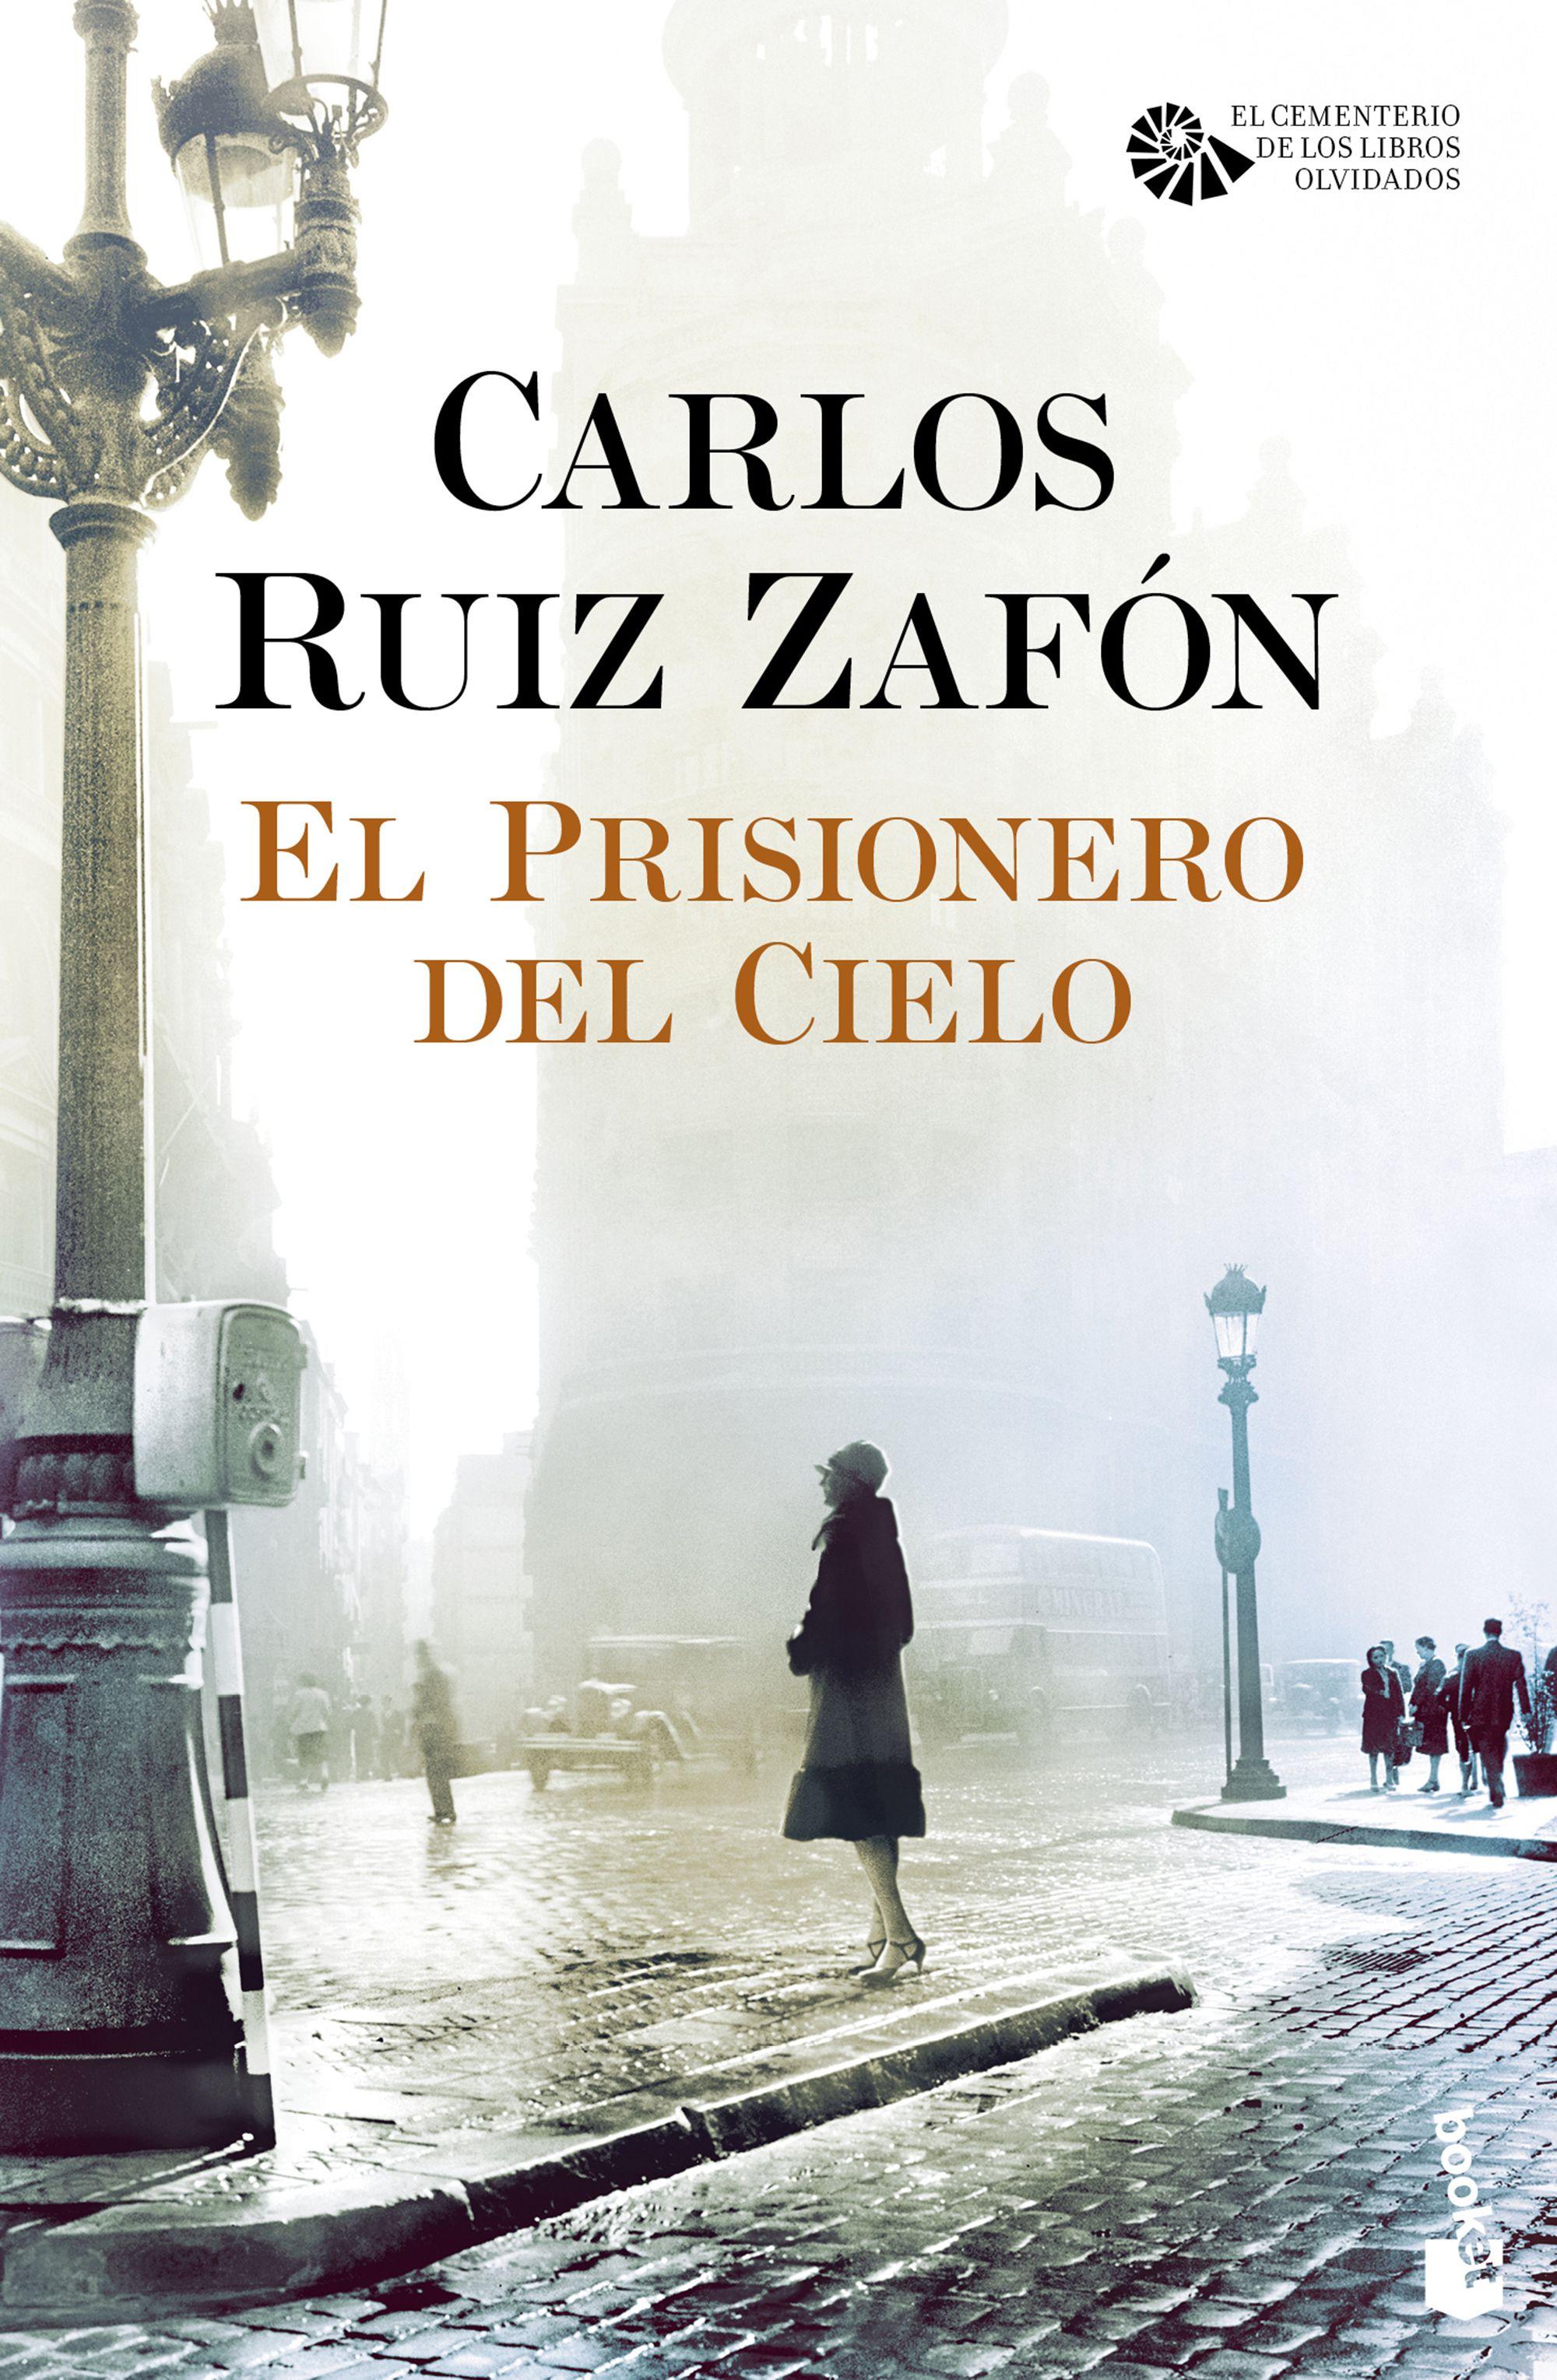 Carlos Ruiz Zafon Cuarto Libro | Carlos Ruiz Zafón El Escritor ...